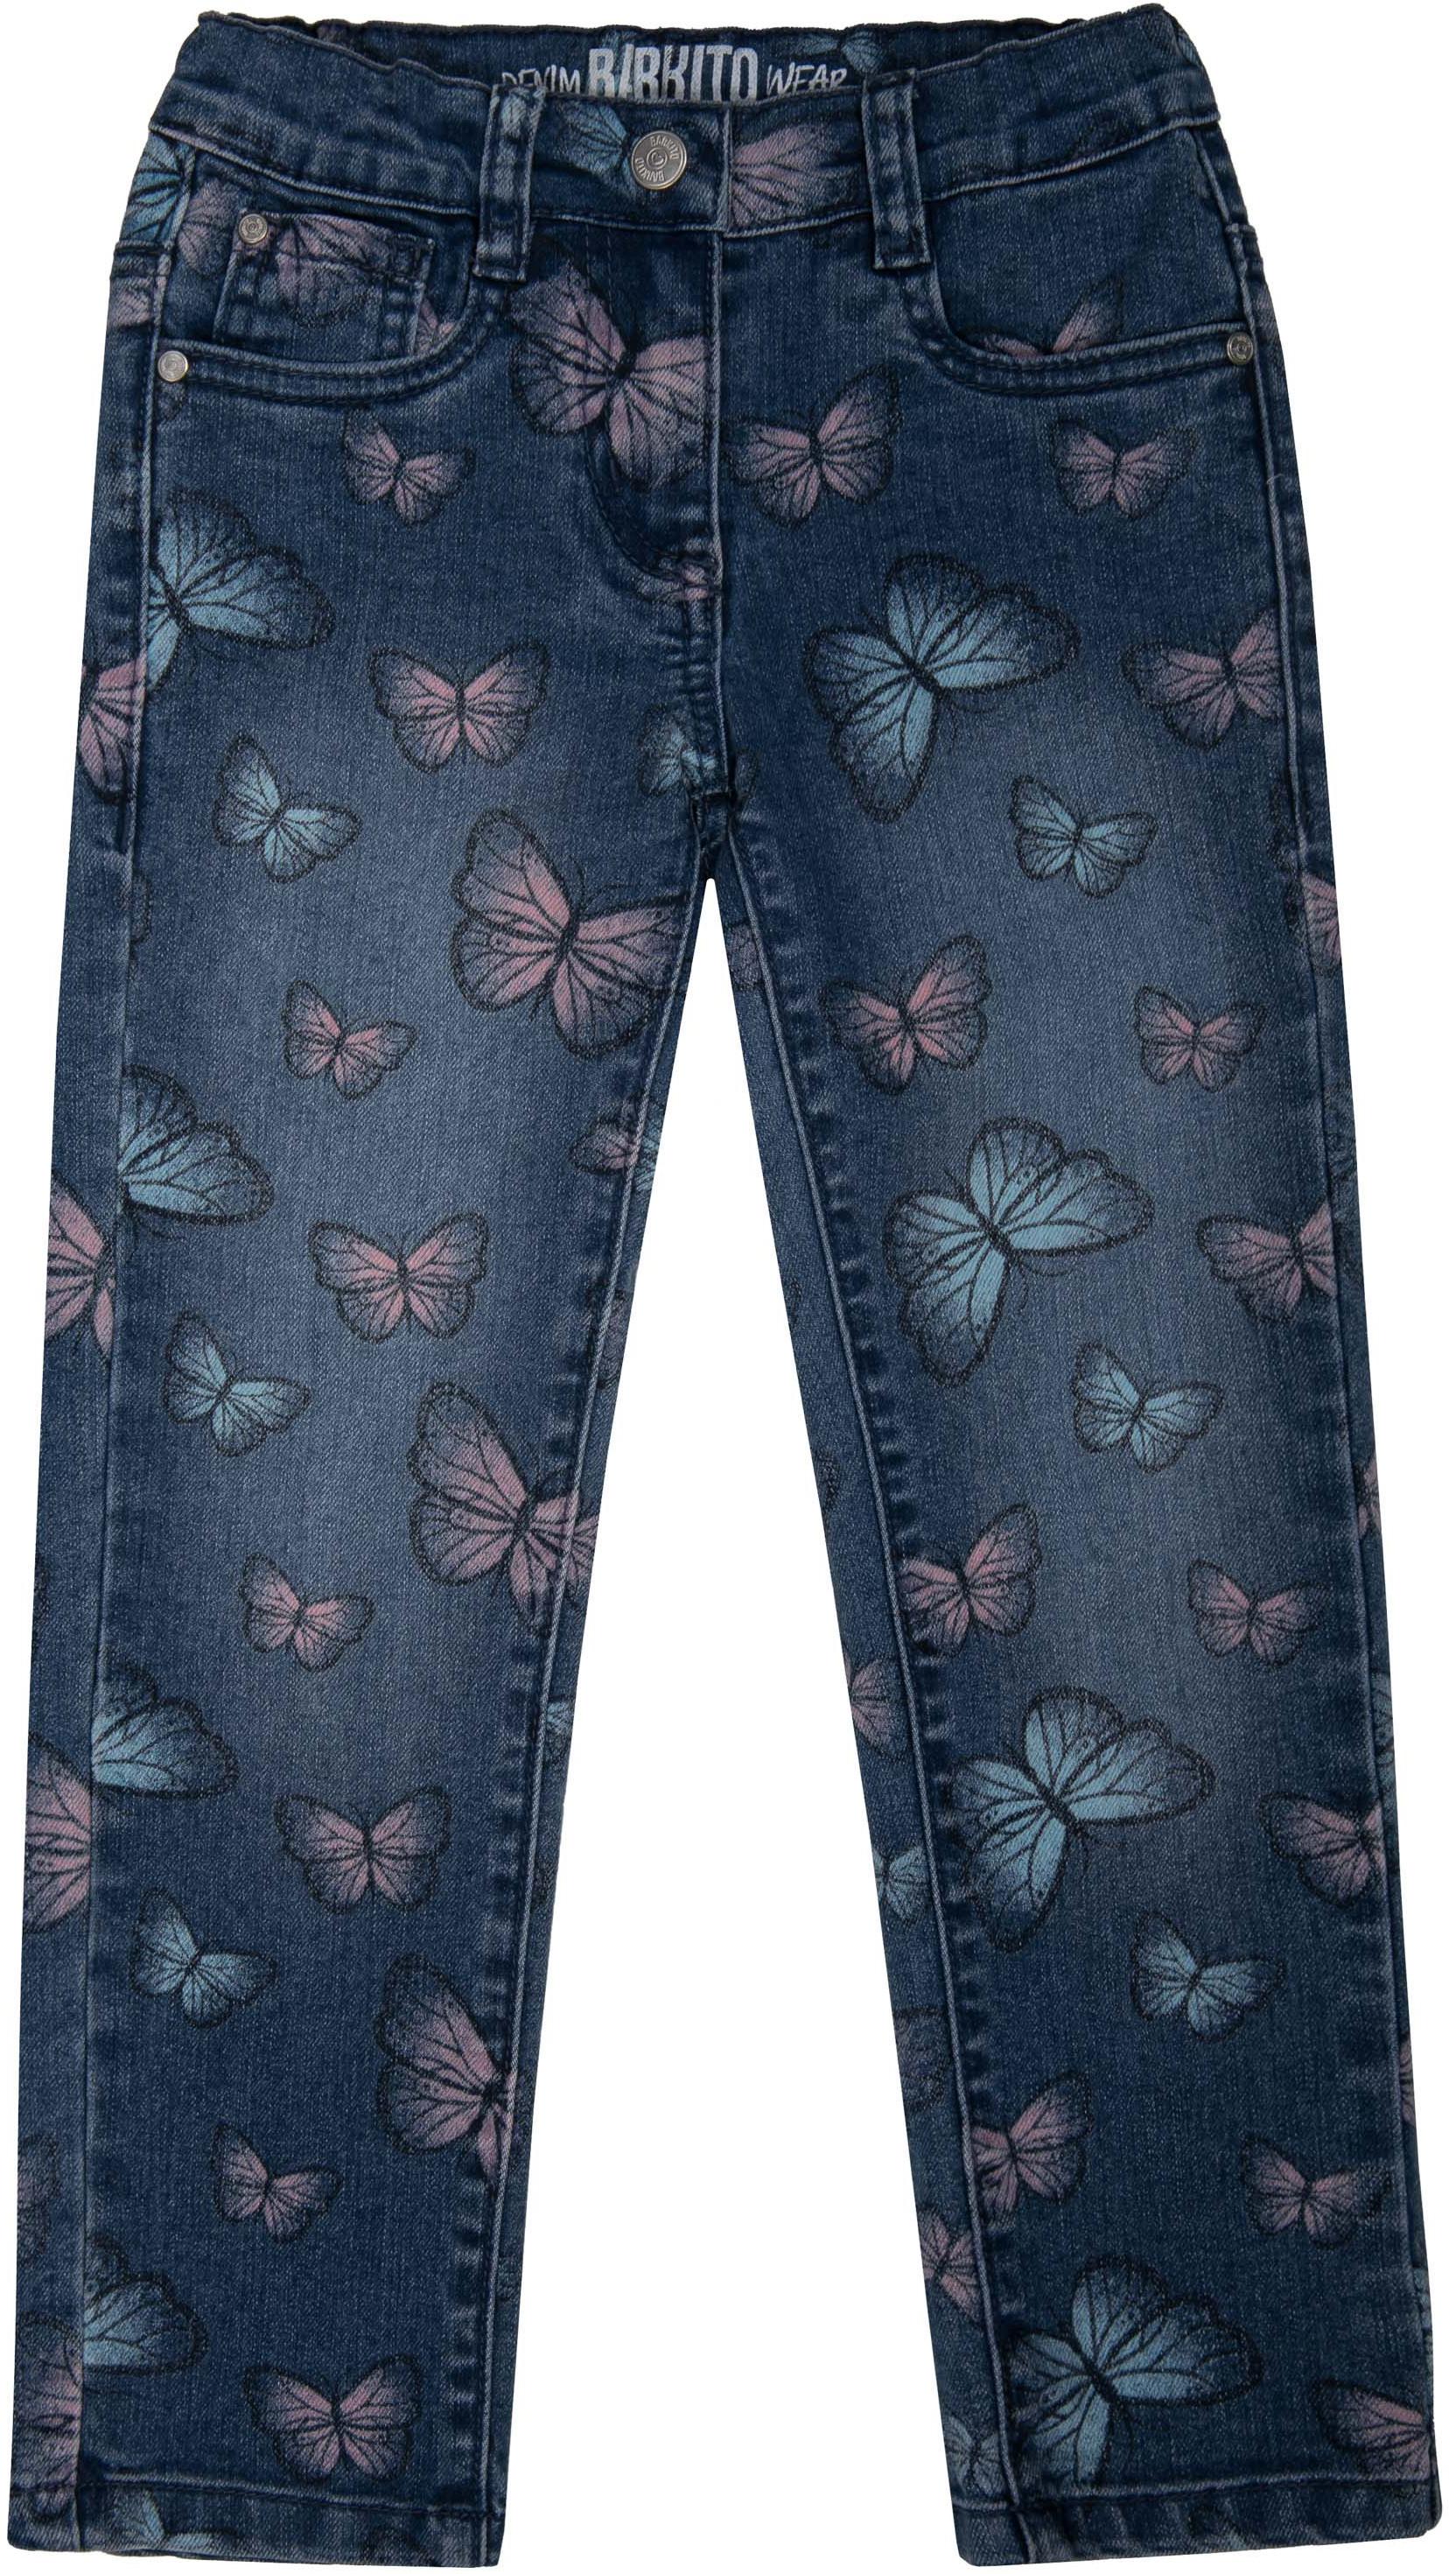 цена на Джинсы Barkito Брюки модель Джинсы для девочки Barkito Деним, голубые с рисунком бабочки